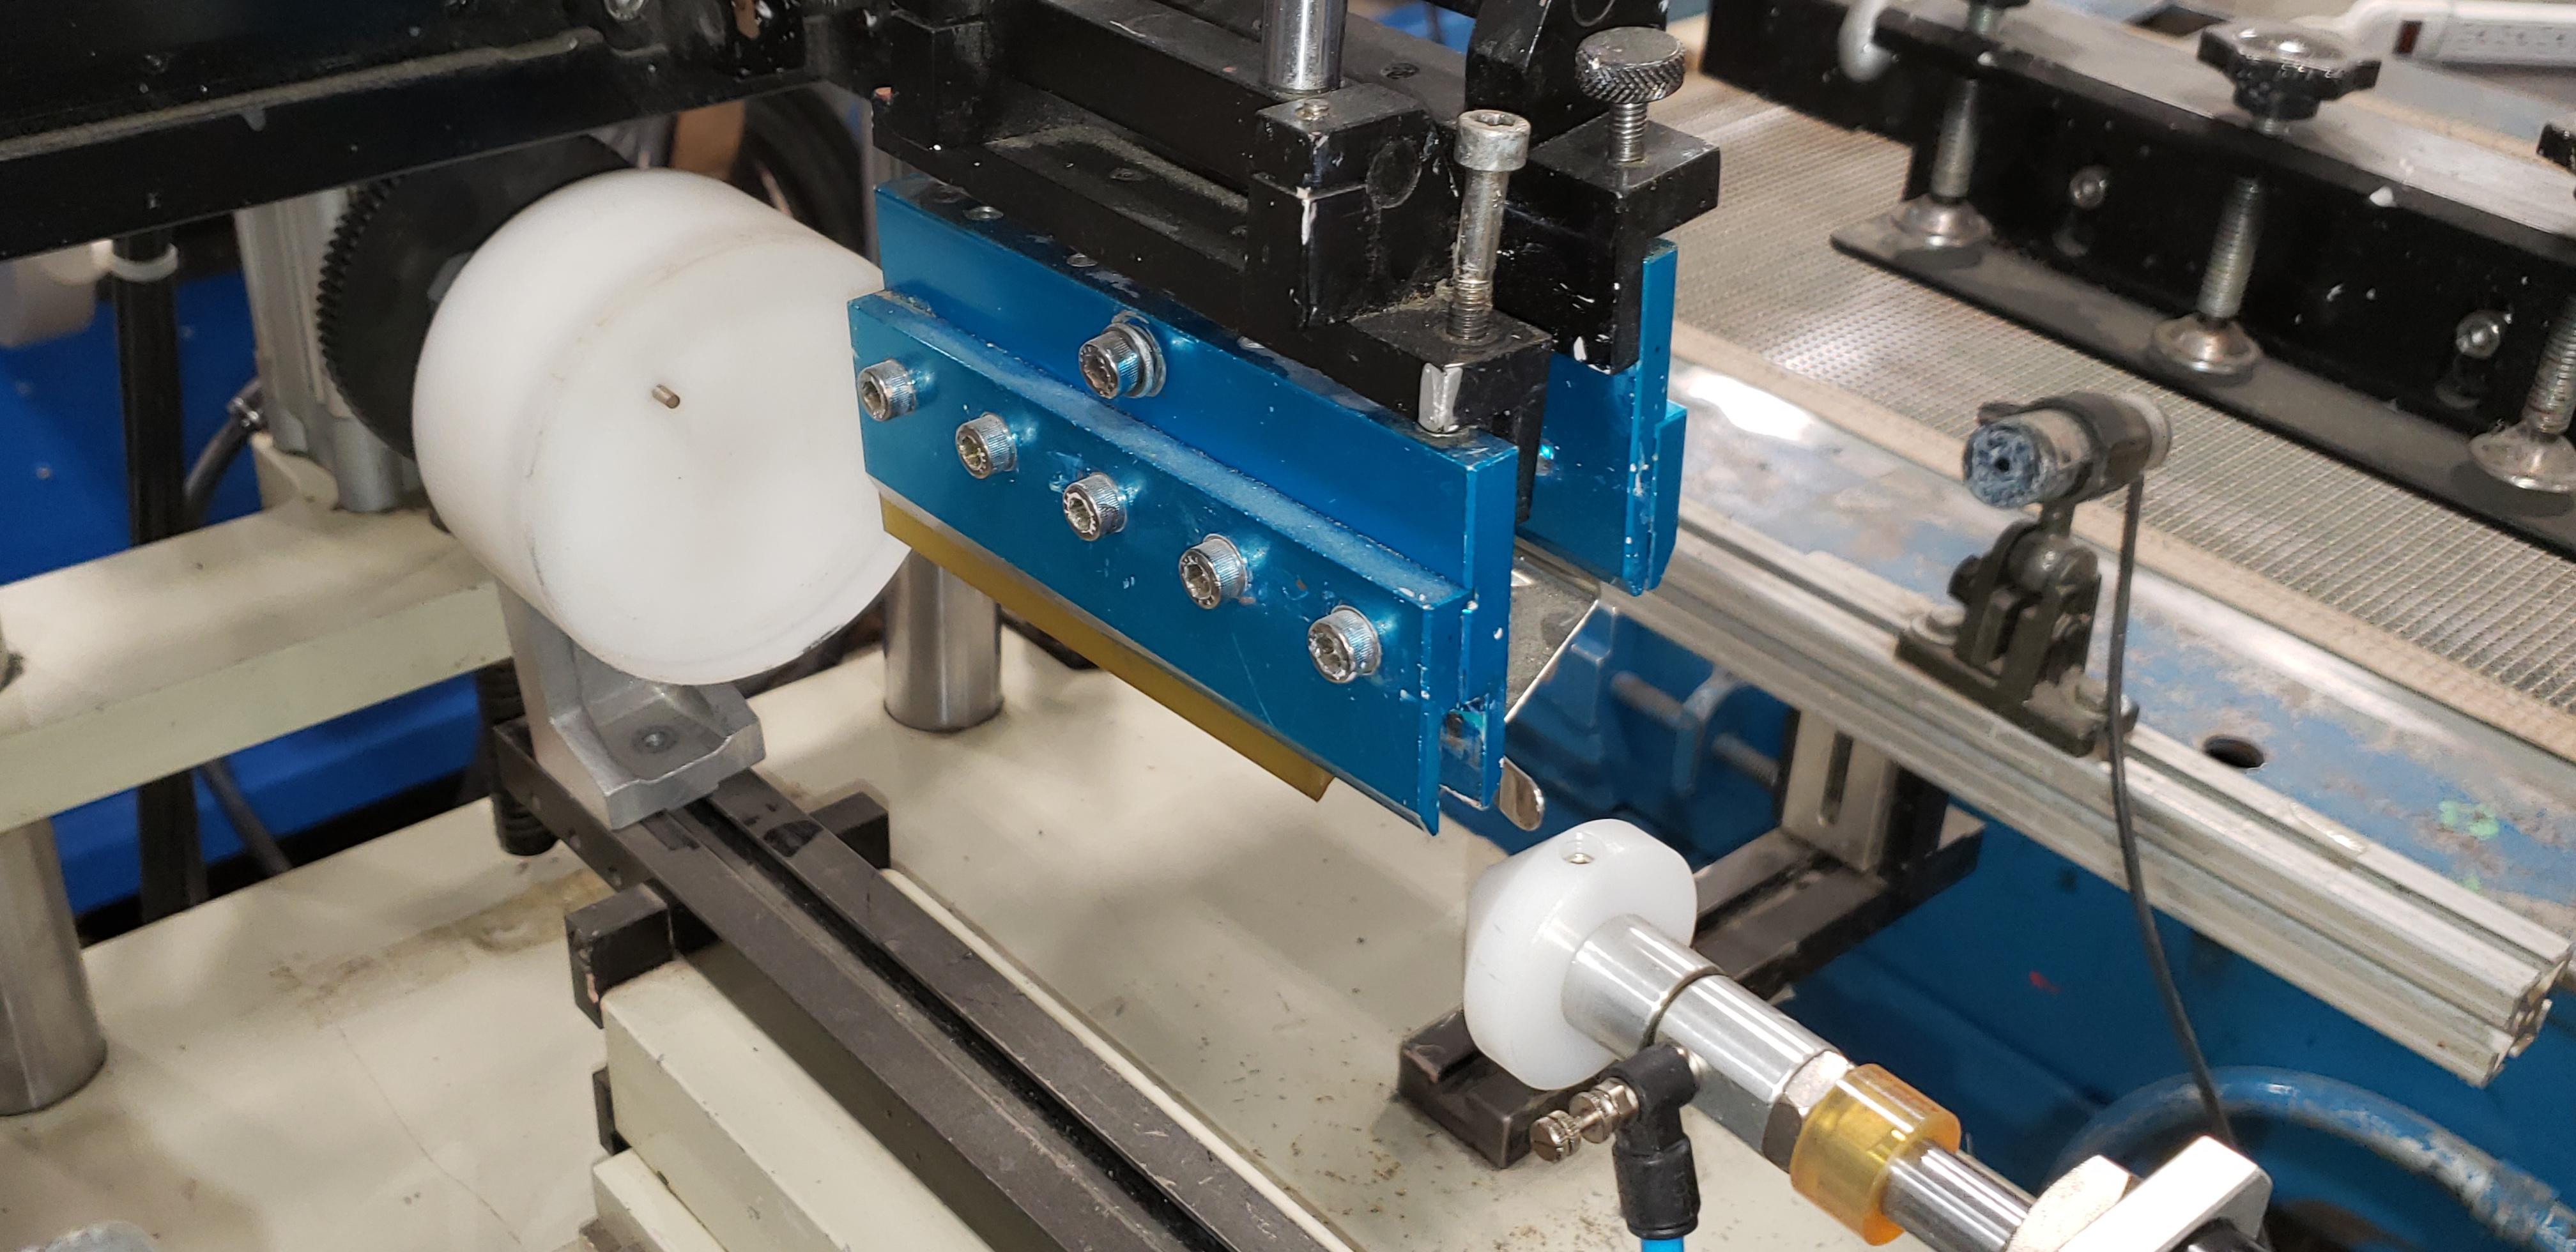 Silk Screen Printer for Bottles - Image 4 of 10